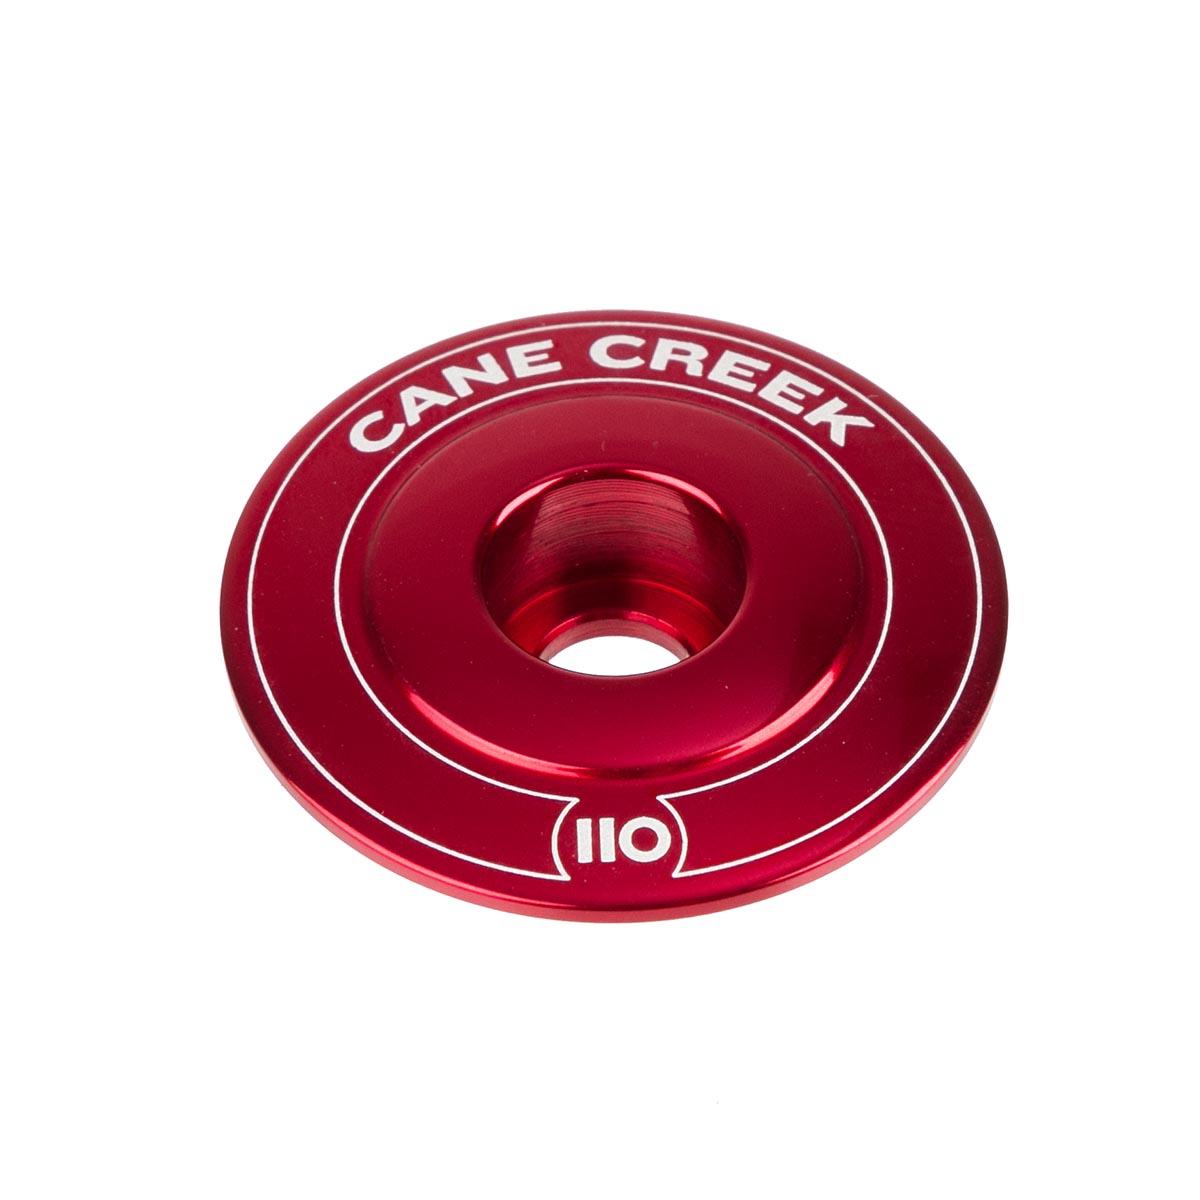 Cane Creek Ahead Kappe 110 Rot, Aluminium, 1 1/8 Zoll